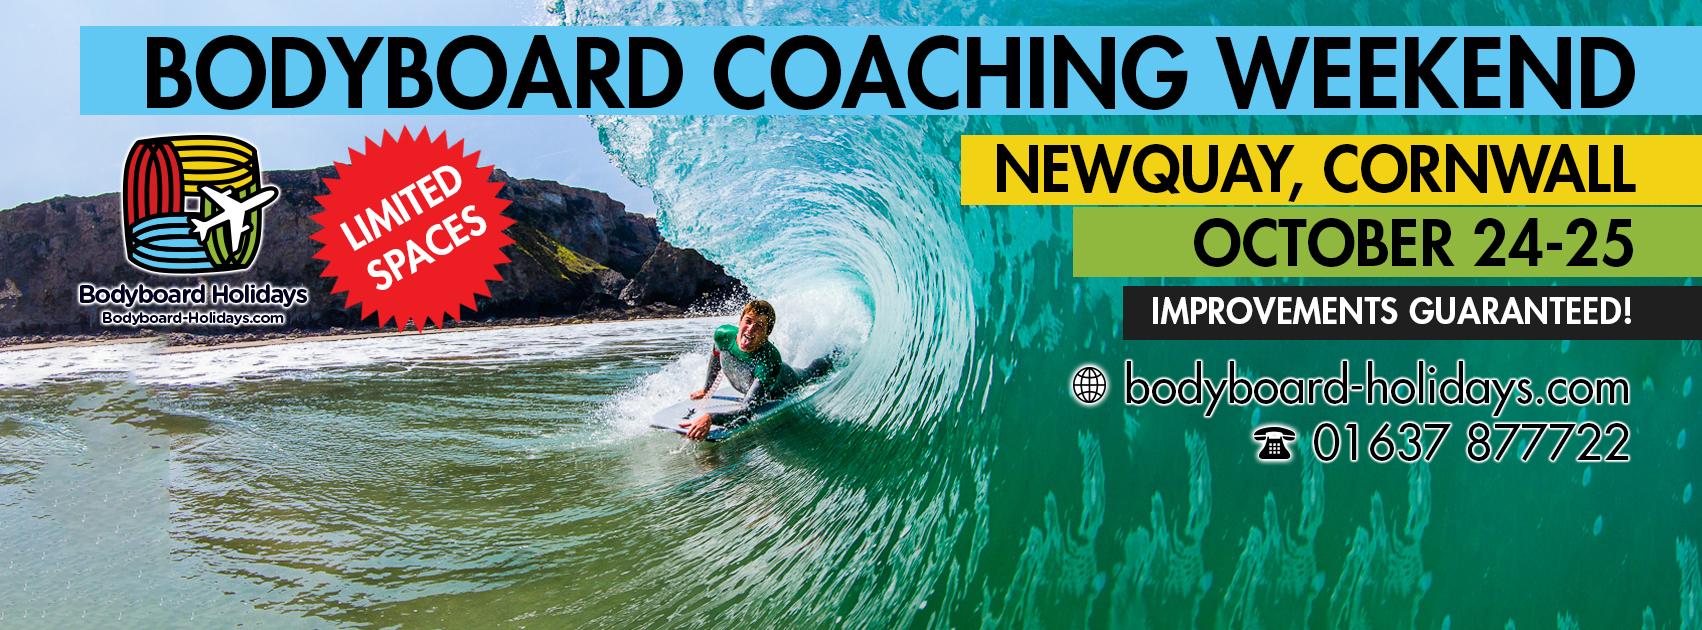 October Bodyboard Coaching Weekend